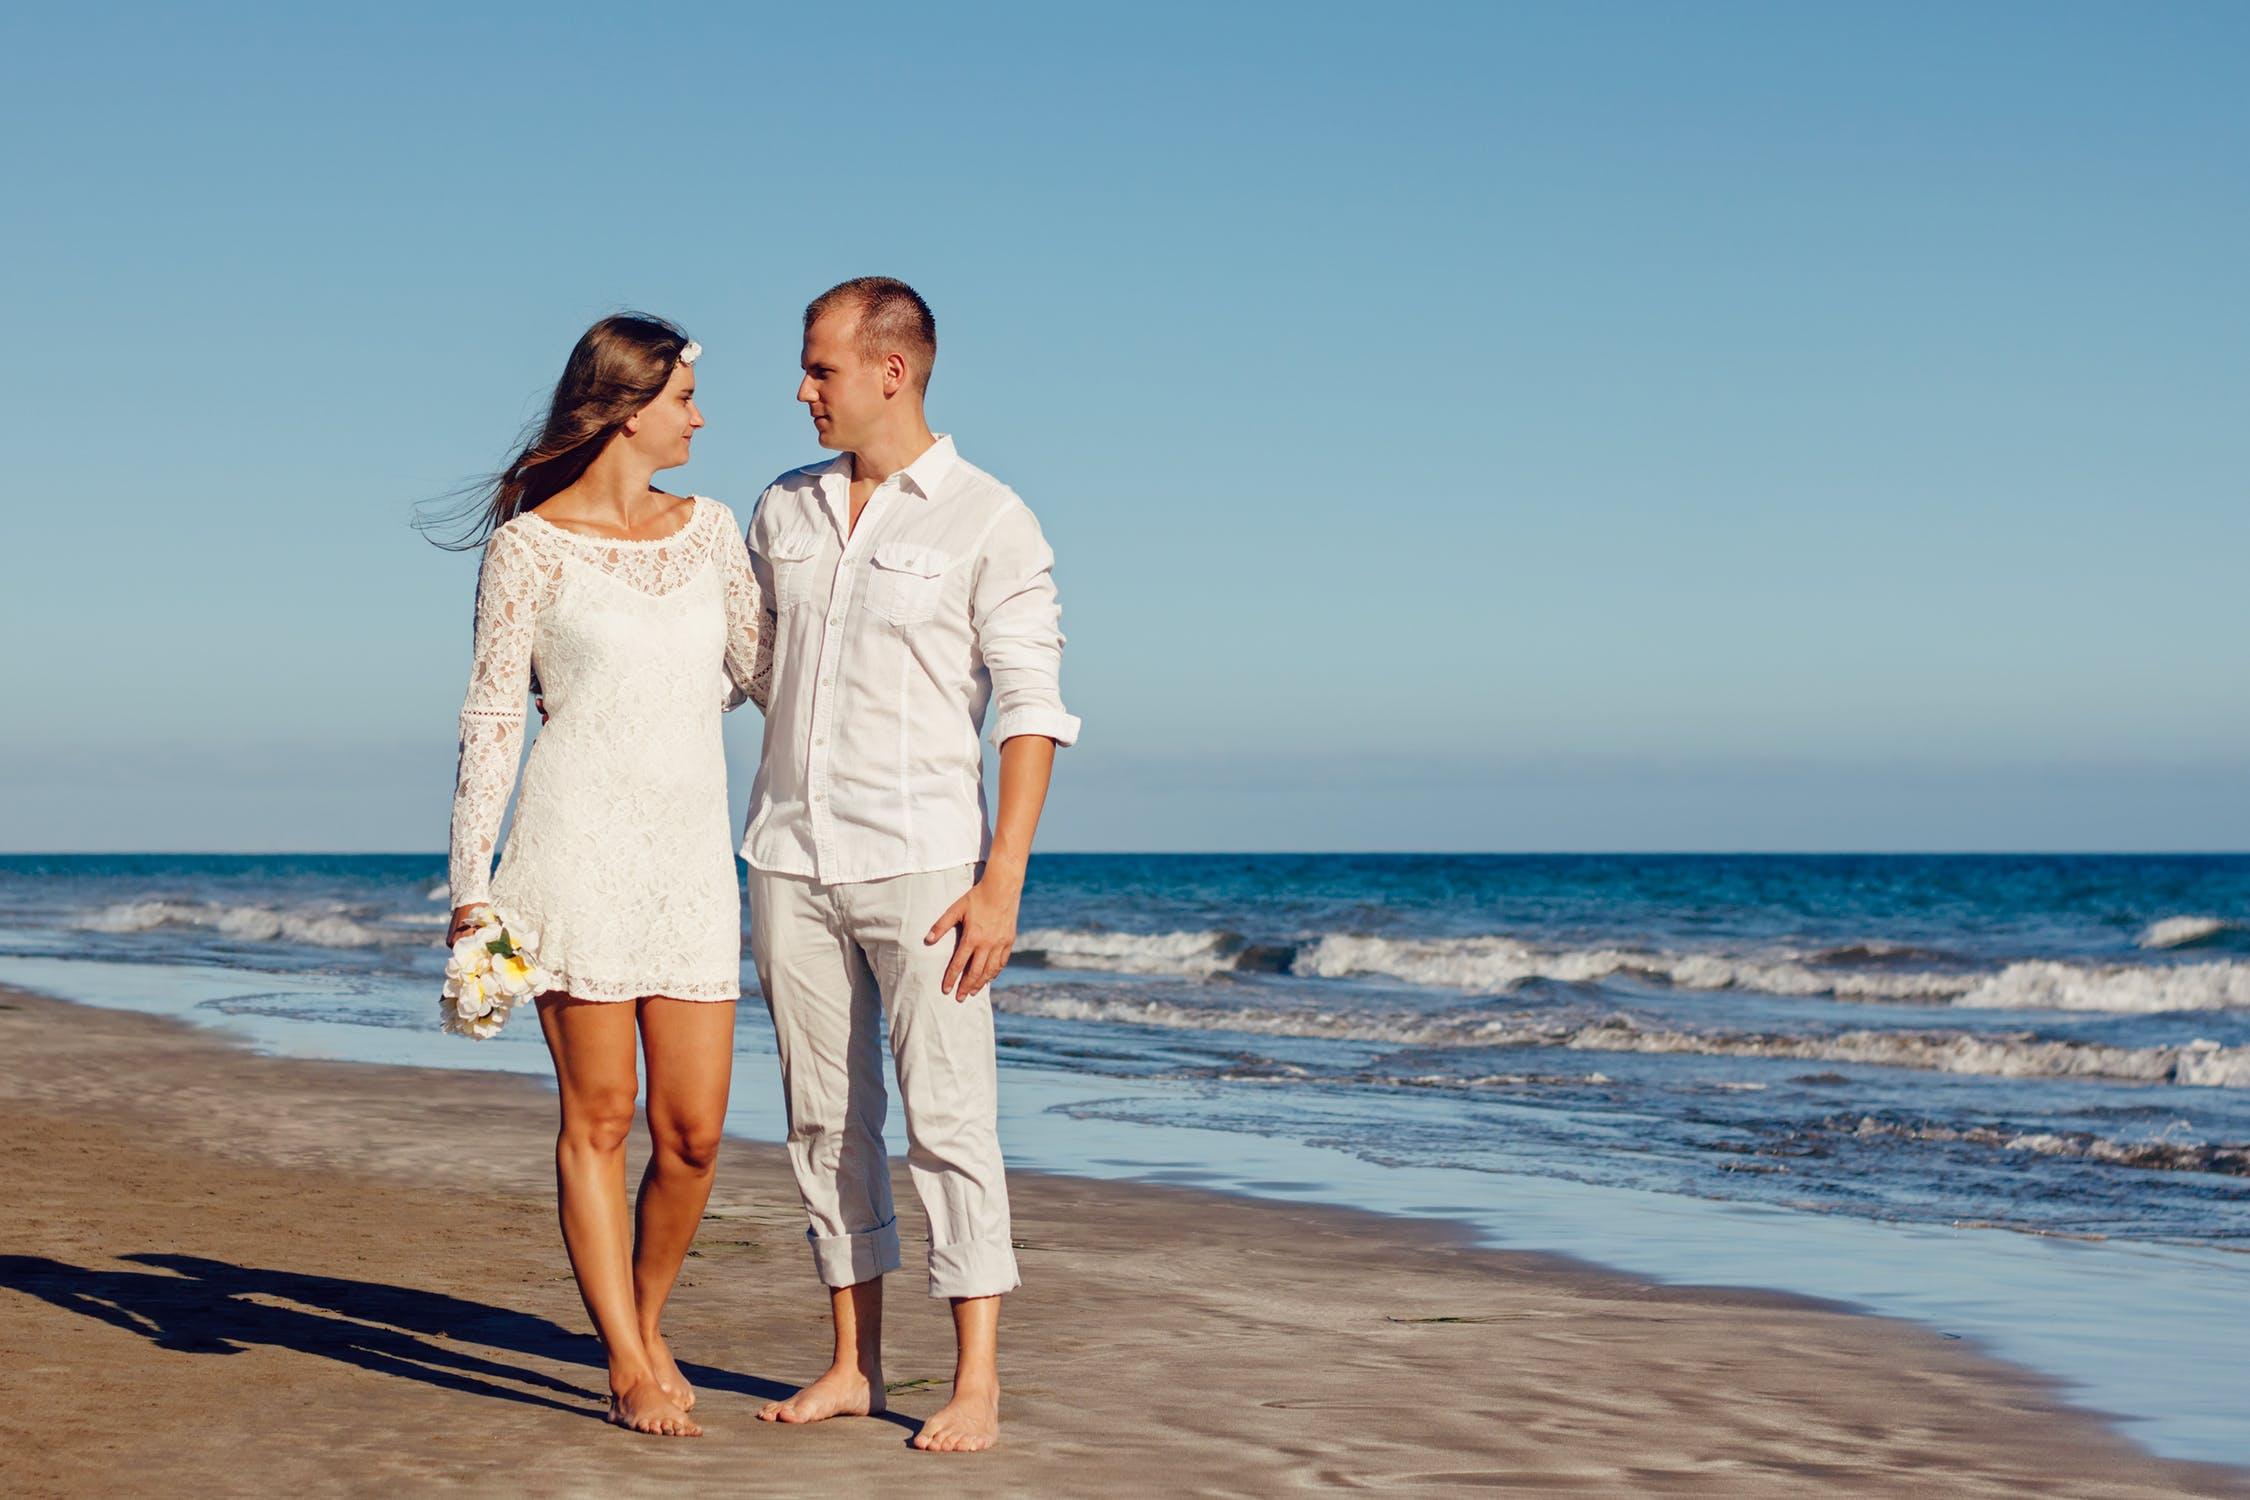 Choosing A Wedding Dress for A Beach Wedding